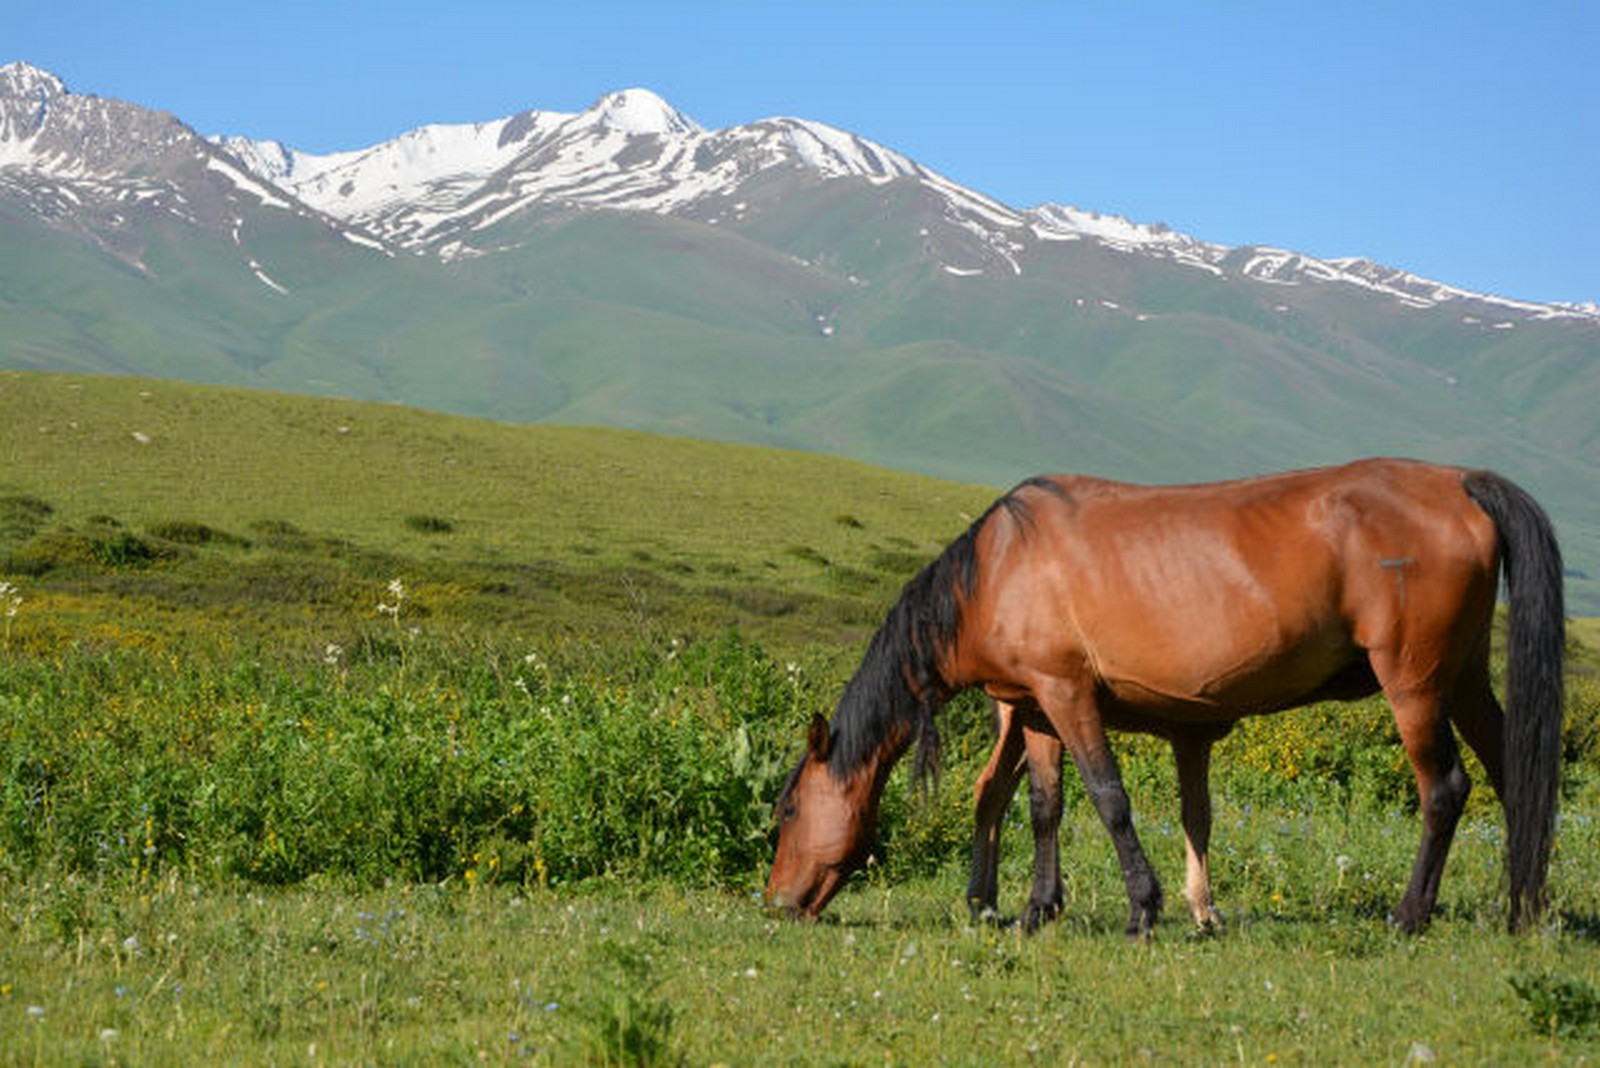 Jyrgalan paard